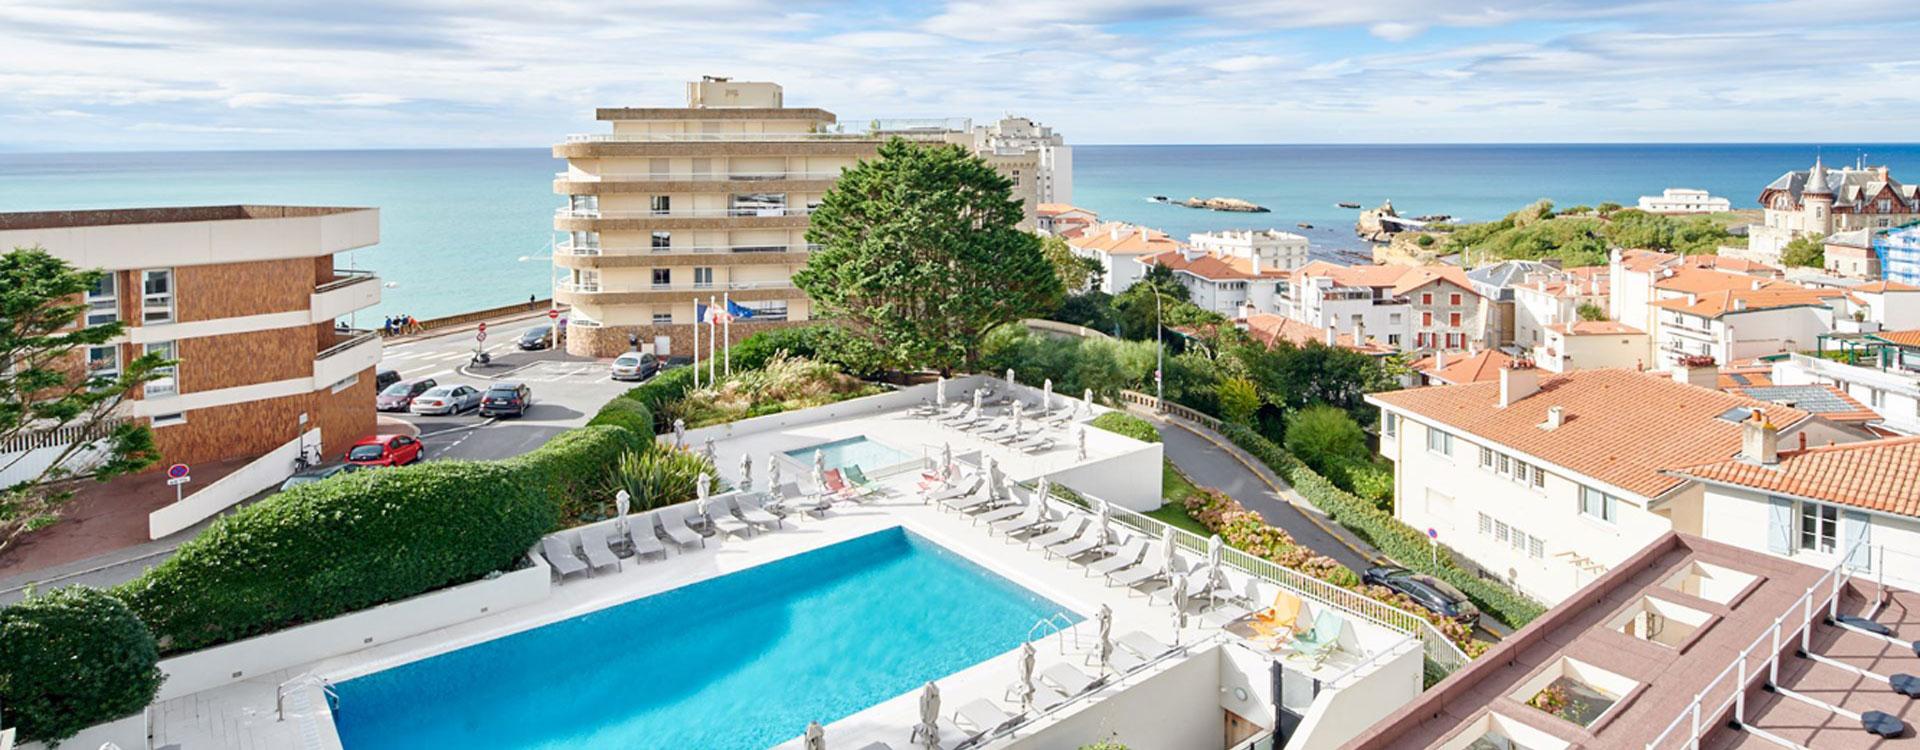 piscine vue mer - biarritz